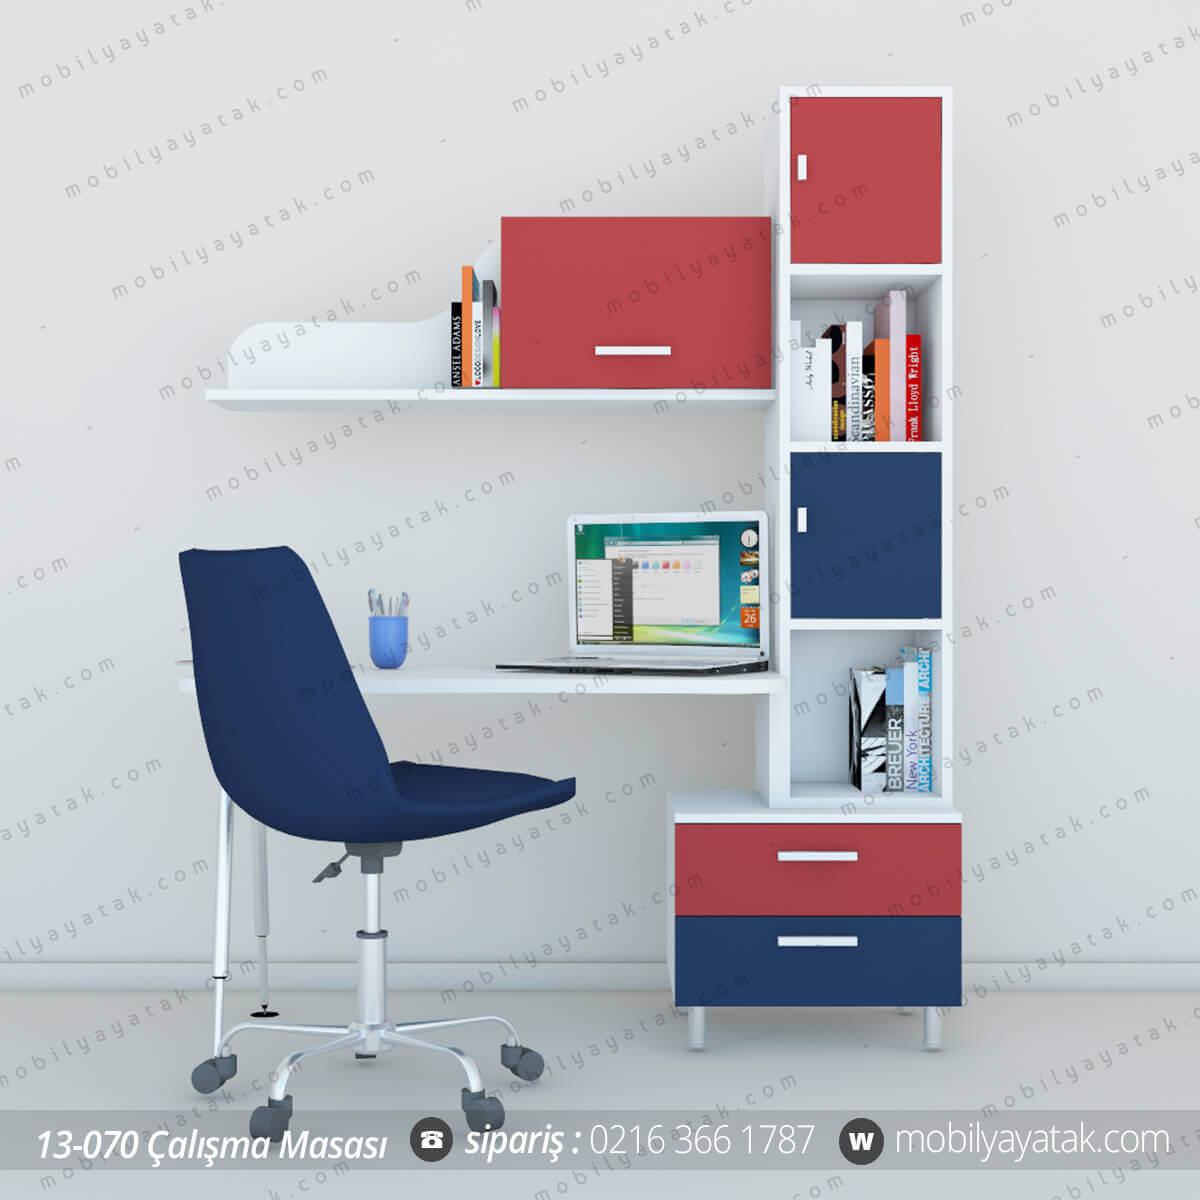 199 Ocuk Odası 199 Alışma Masası Kitaplık Mobilya Yatak